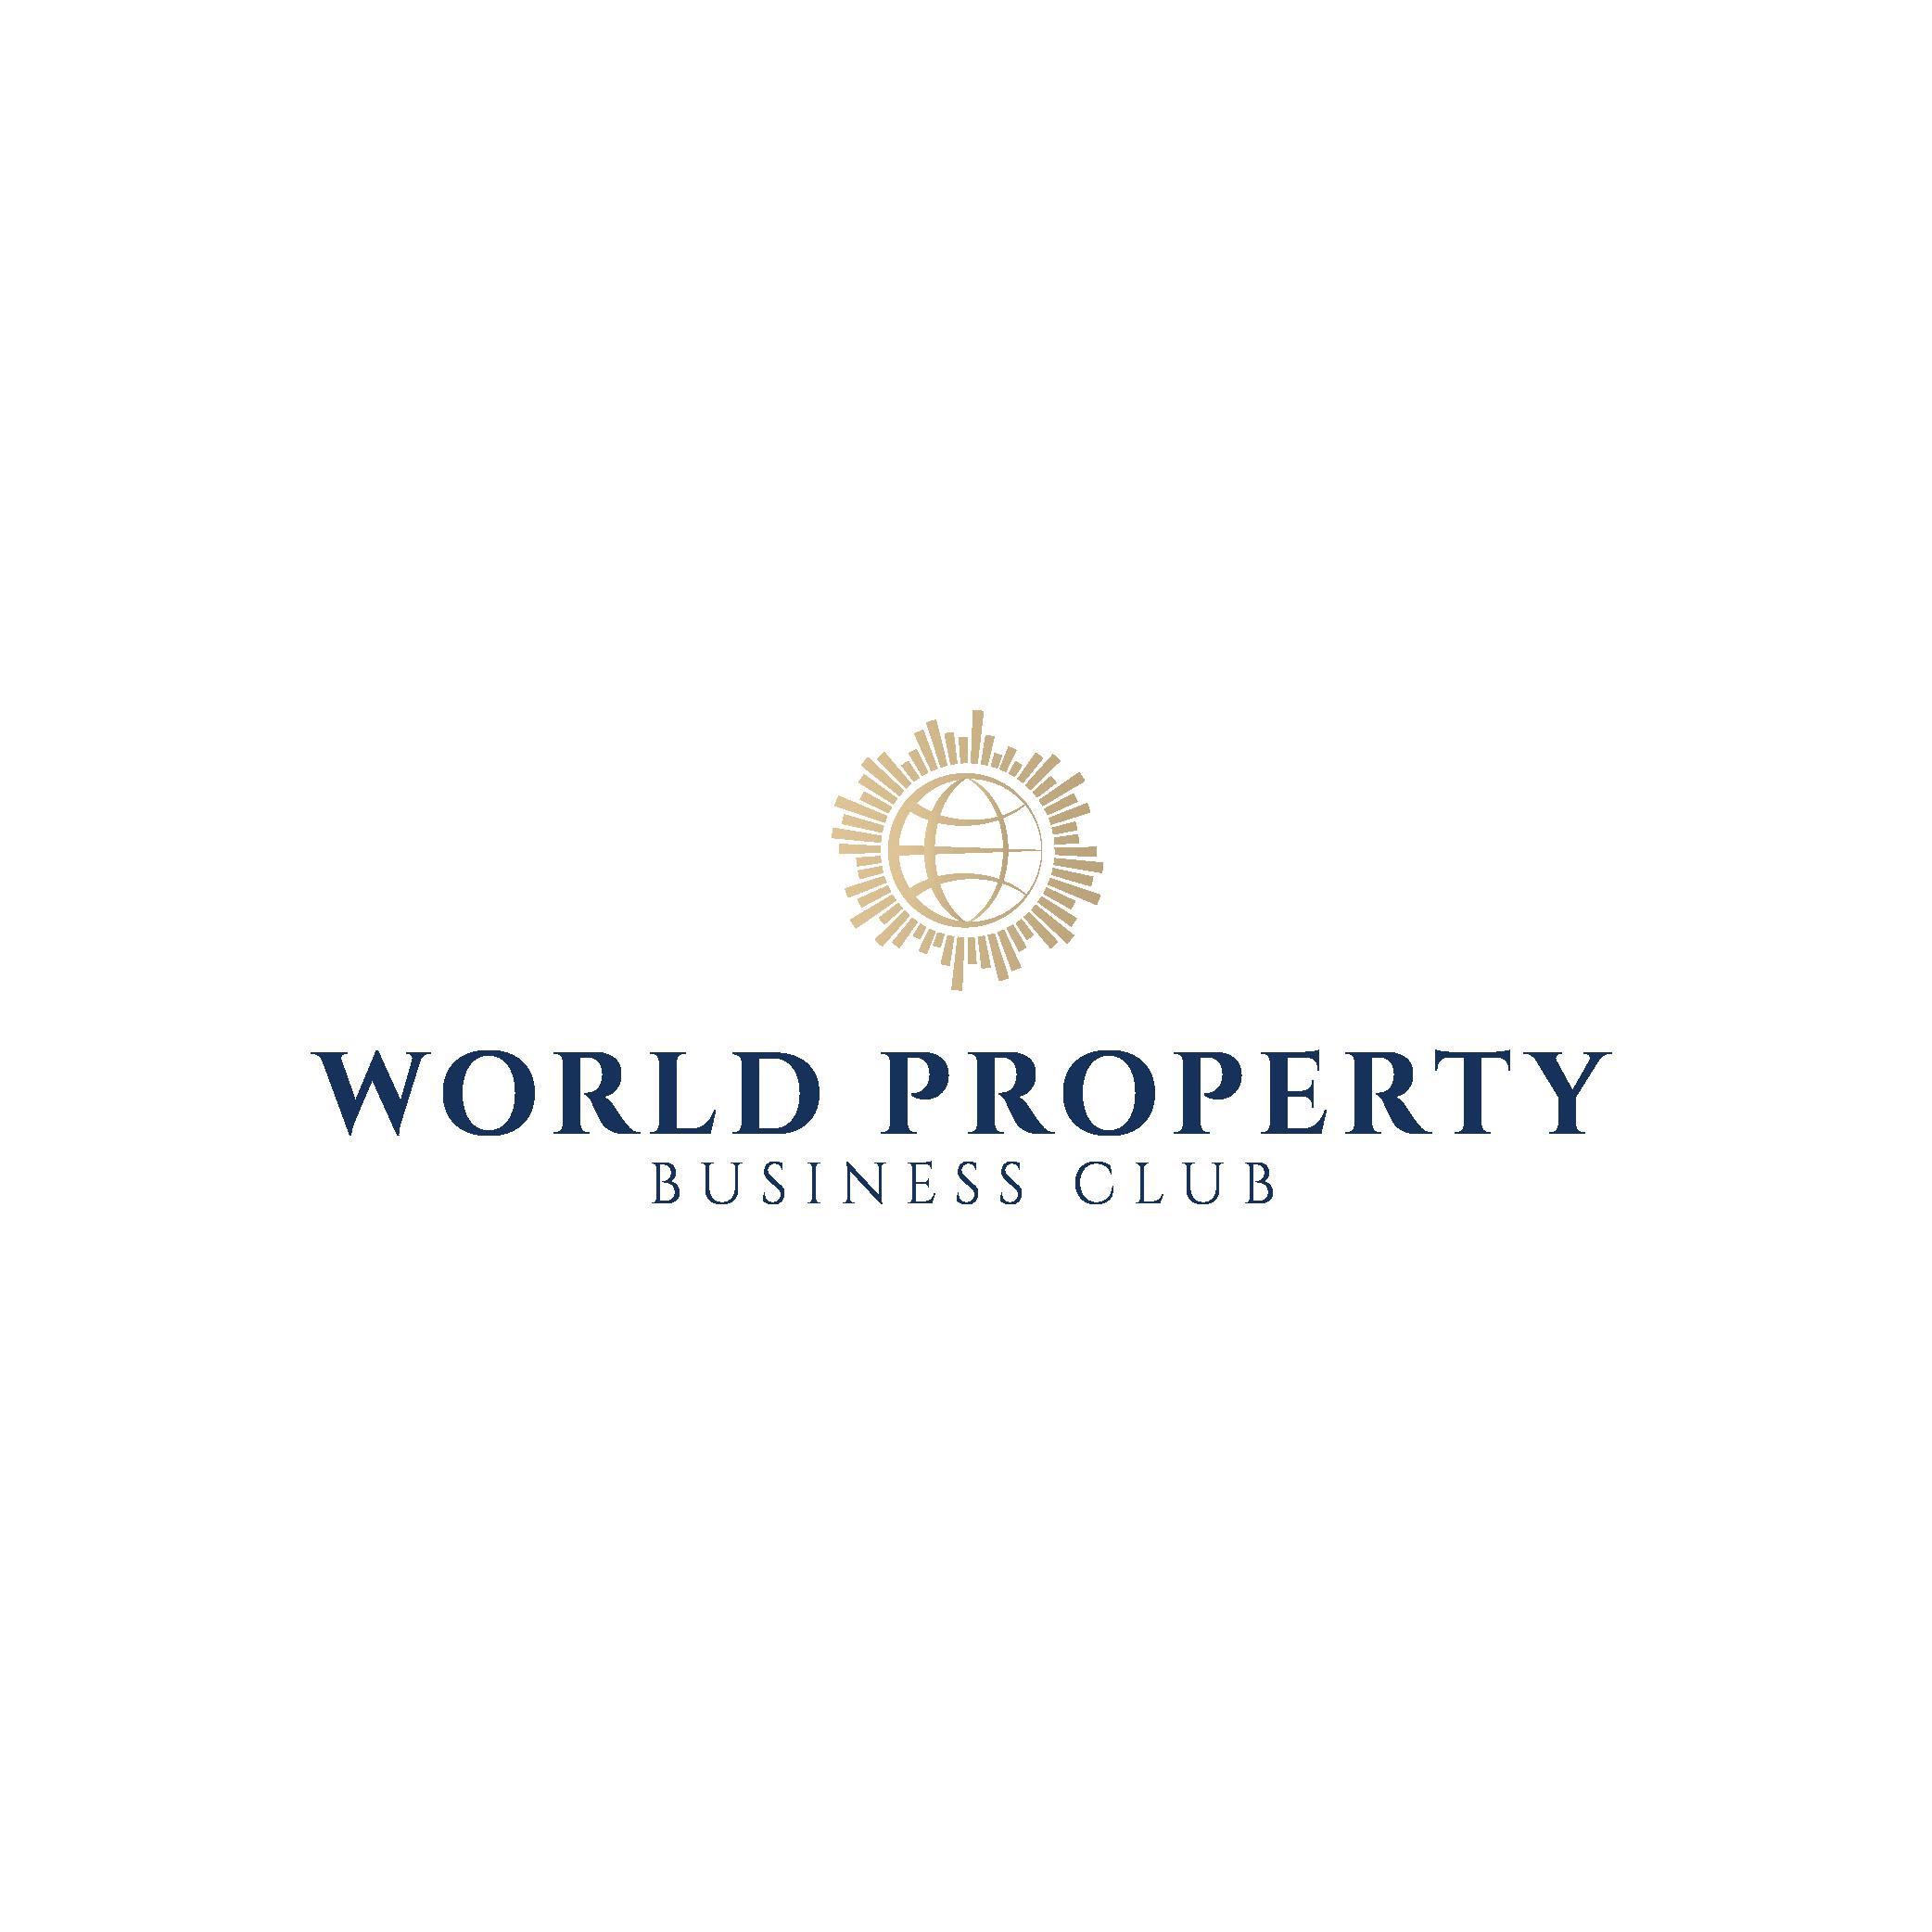 Créer un logo pour une organisation immobilière qui regroupera plusieurs milliers d'adhérents